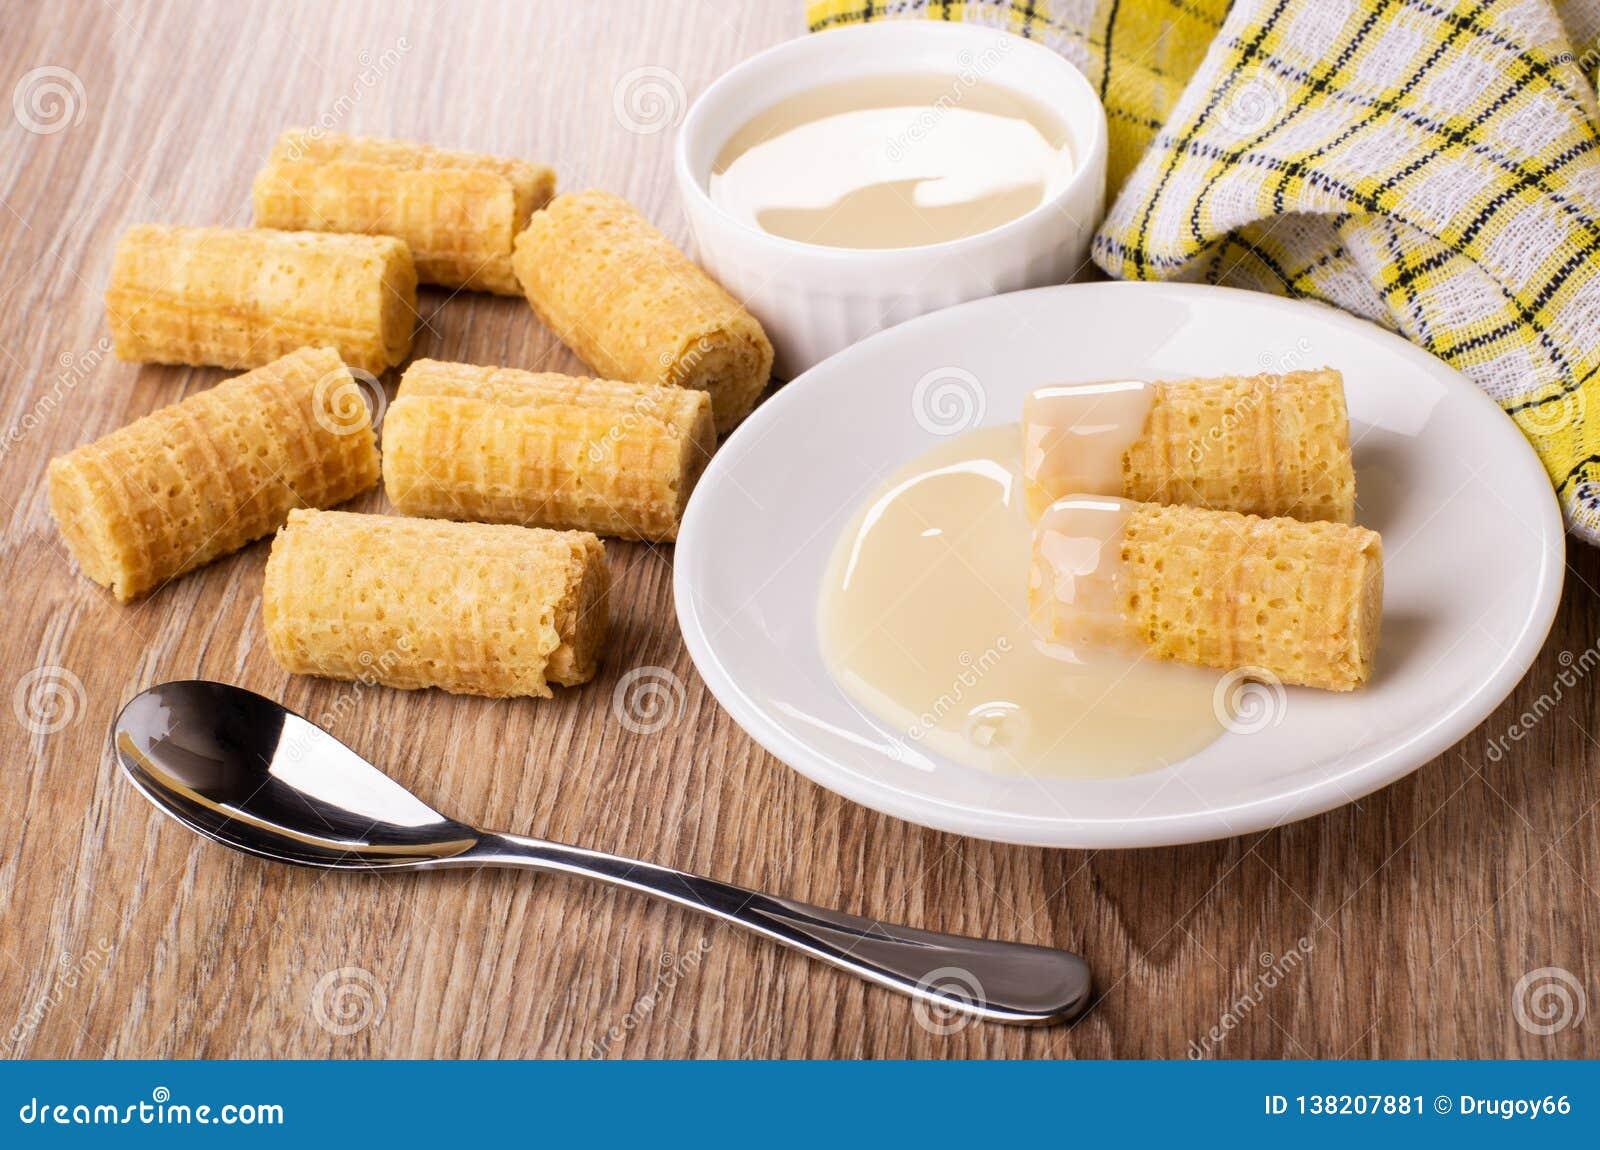 Het wafeltje rolt met condens in schotel, lepel, kom met melk, servet, broodjes op lijst